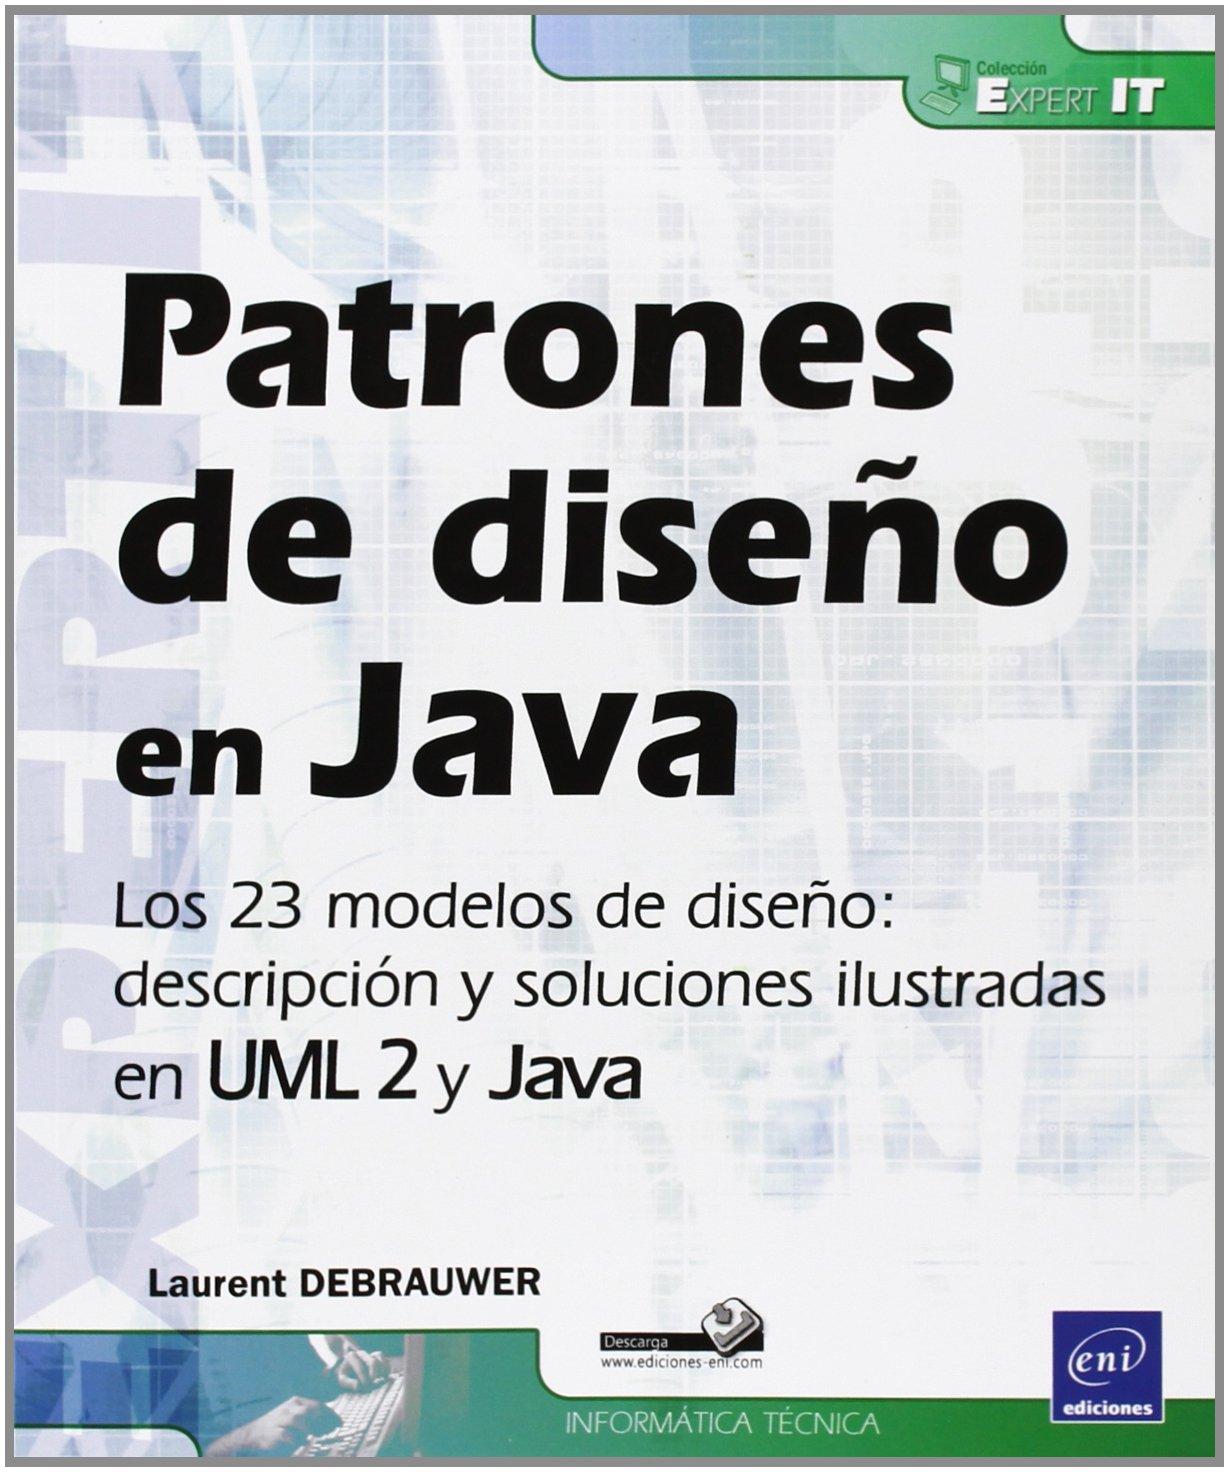 Patrones De Diseño En Java. Los 23 Modelos De Diseño. Descripción Y Solución Ilustradas En UML 2 y Java: Amazon.es: Laurent Debrauwer: Libros